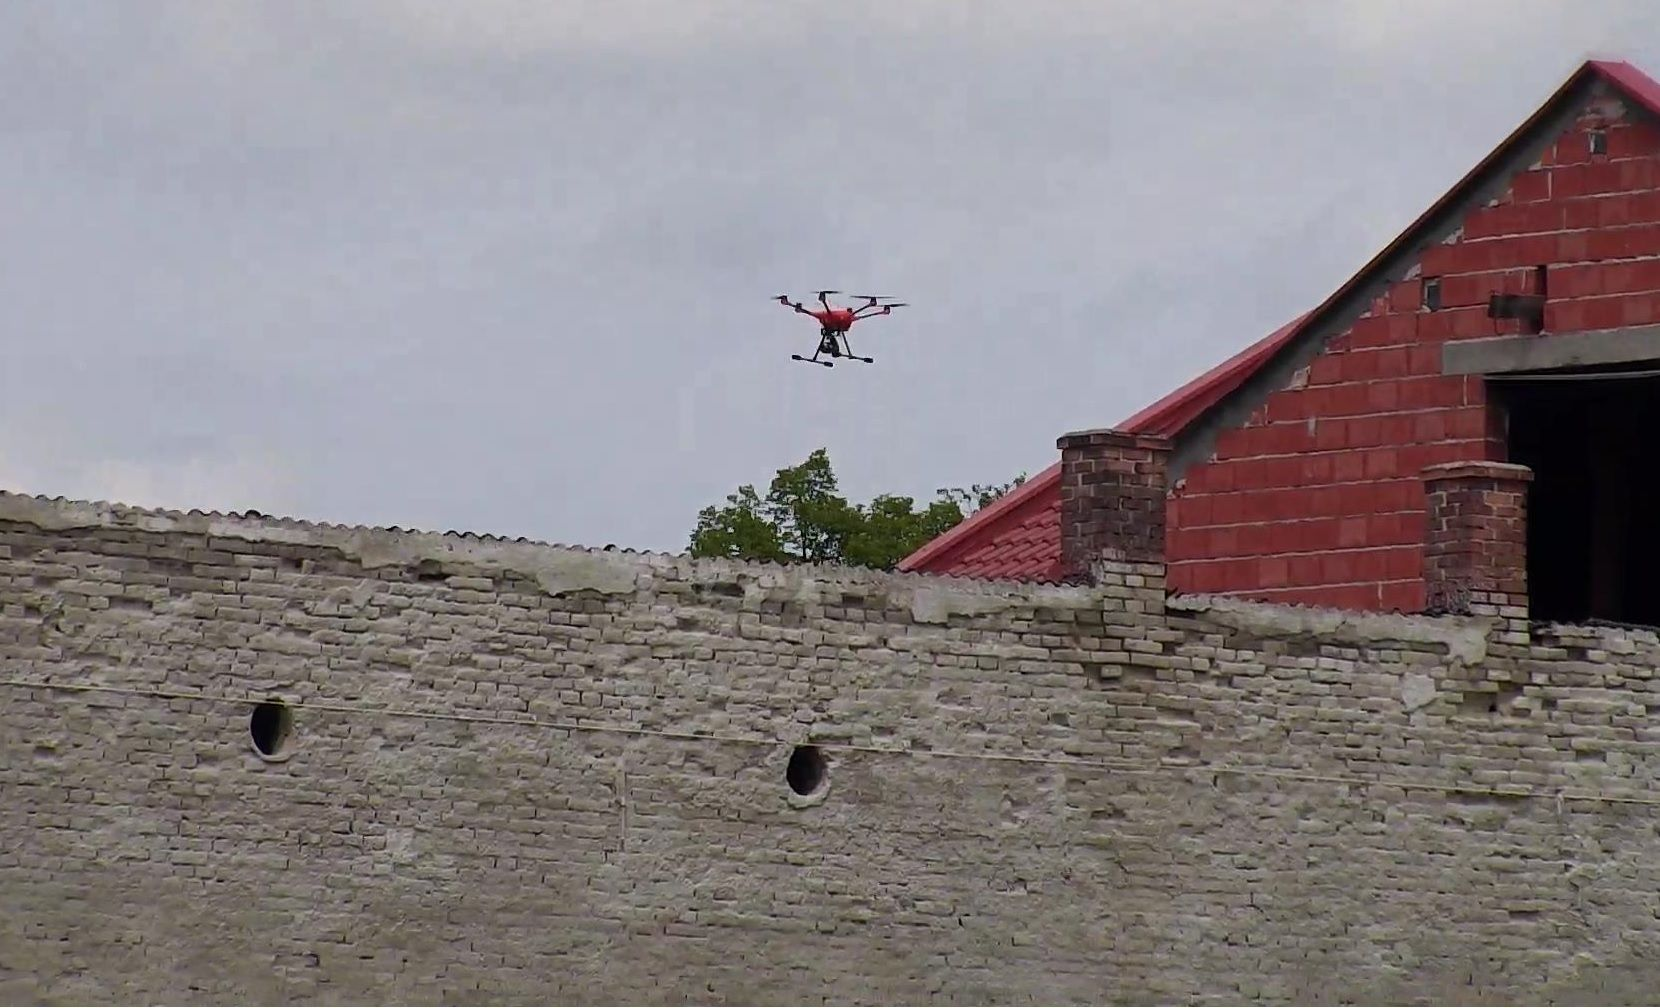 Magistrat kupi drona, żeby szpiegować trucicieli środowiska?